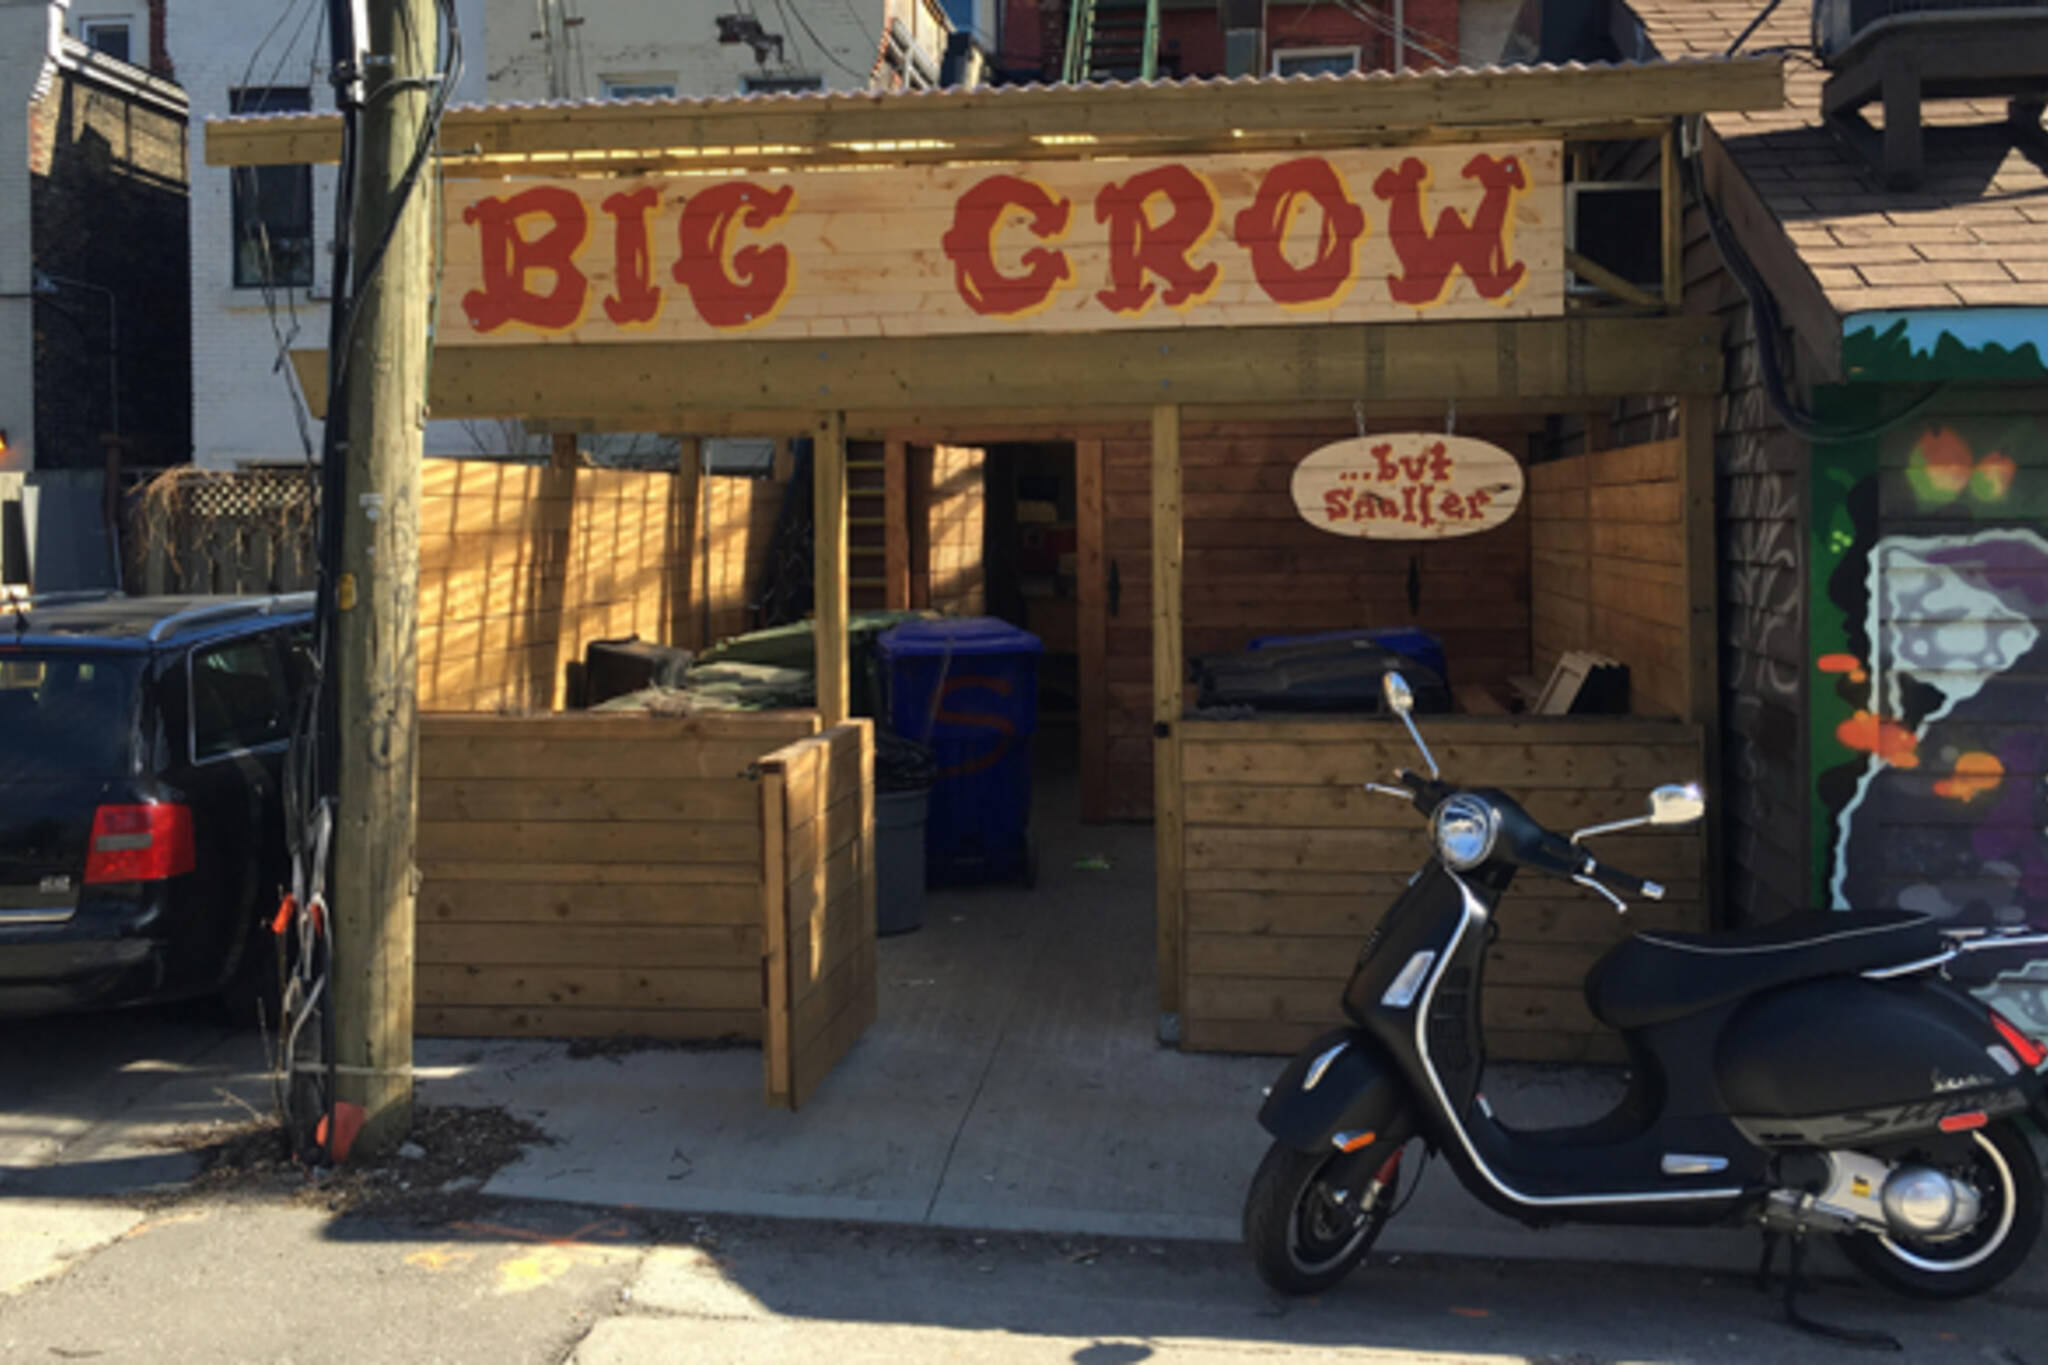 Big Crow Toronto